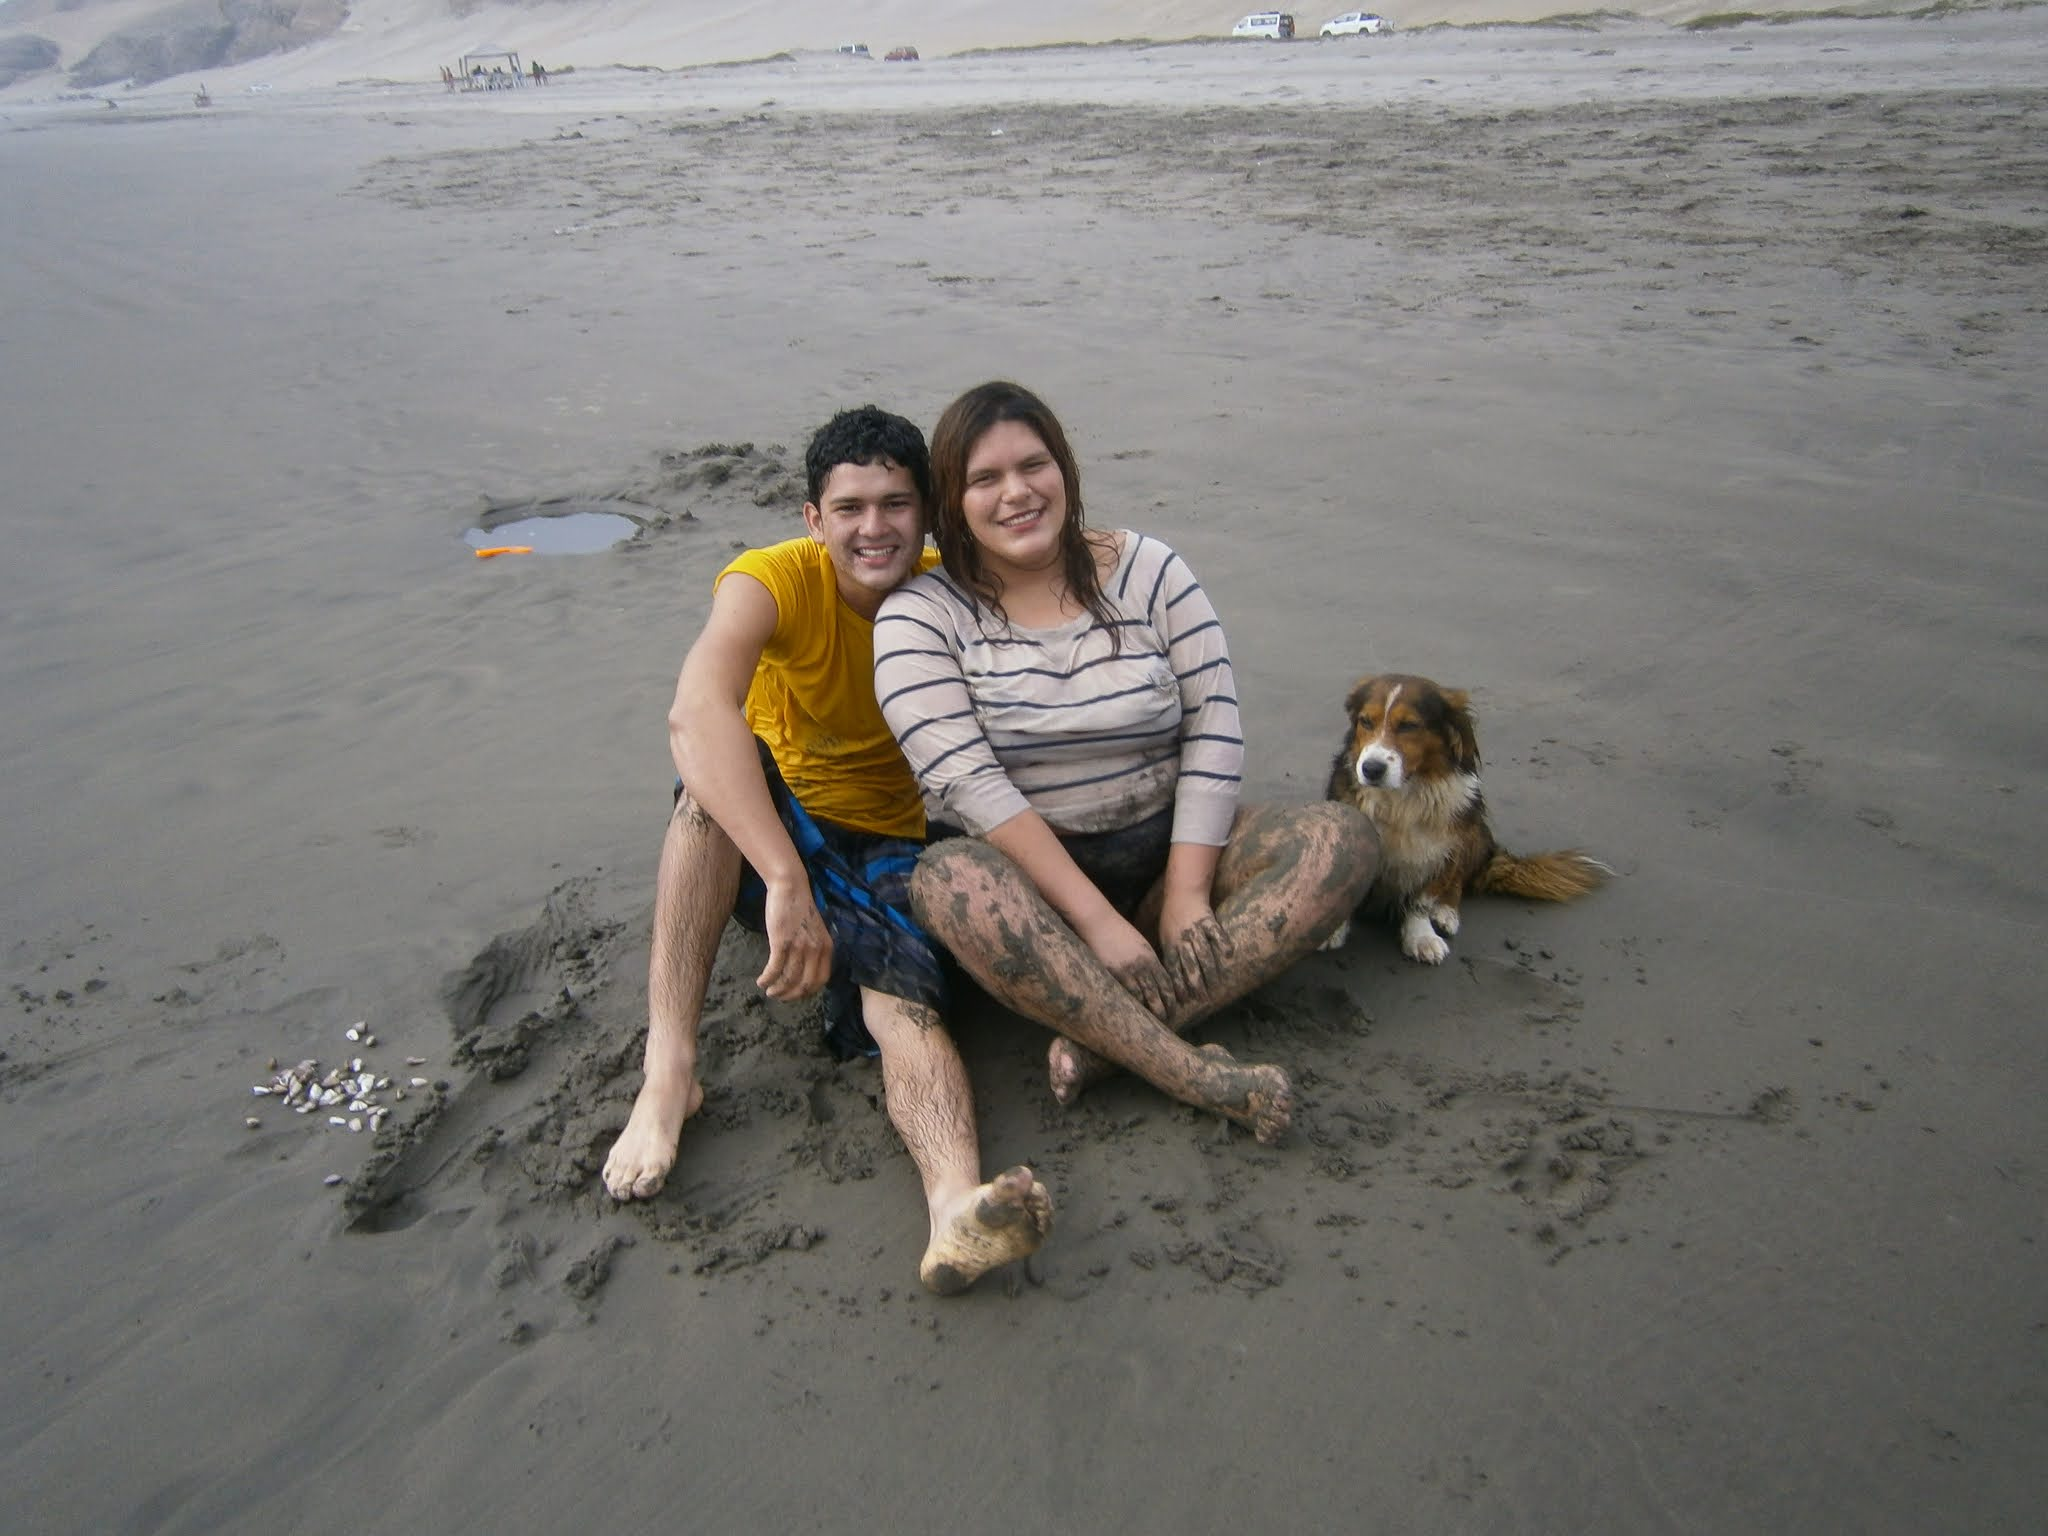 Pareja de enamorados posando para la foto en la orilla del mar y mascota